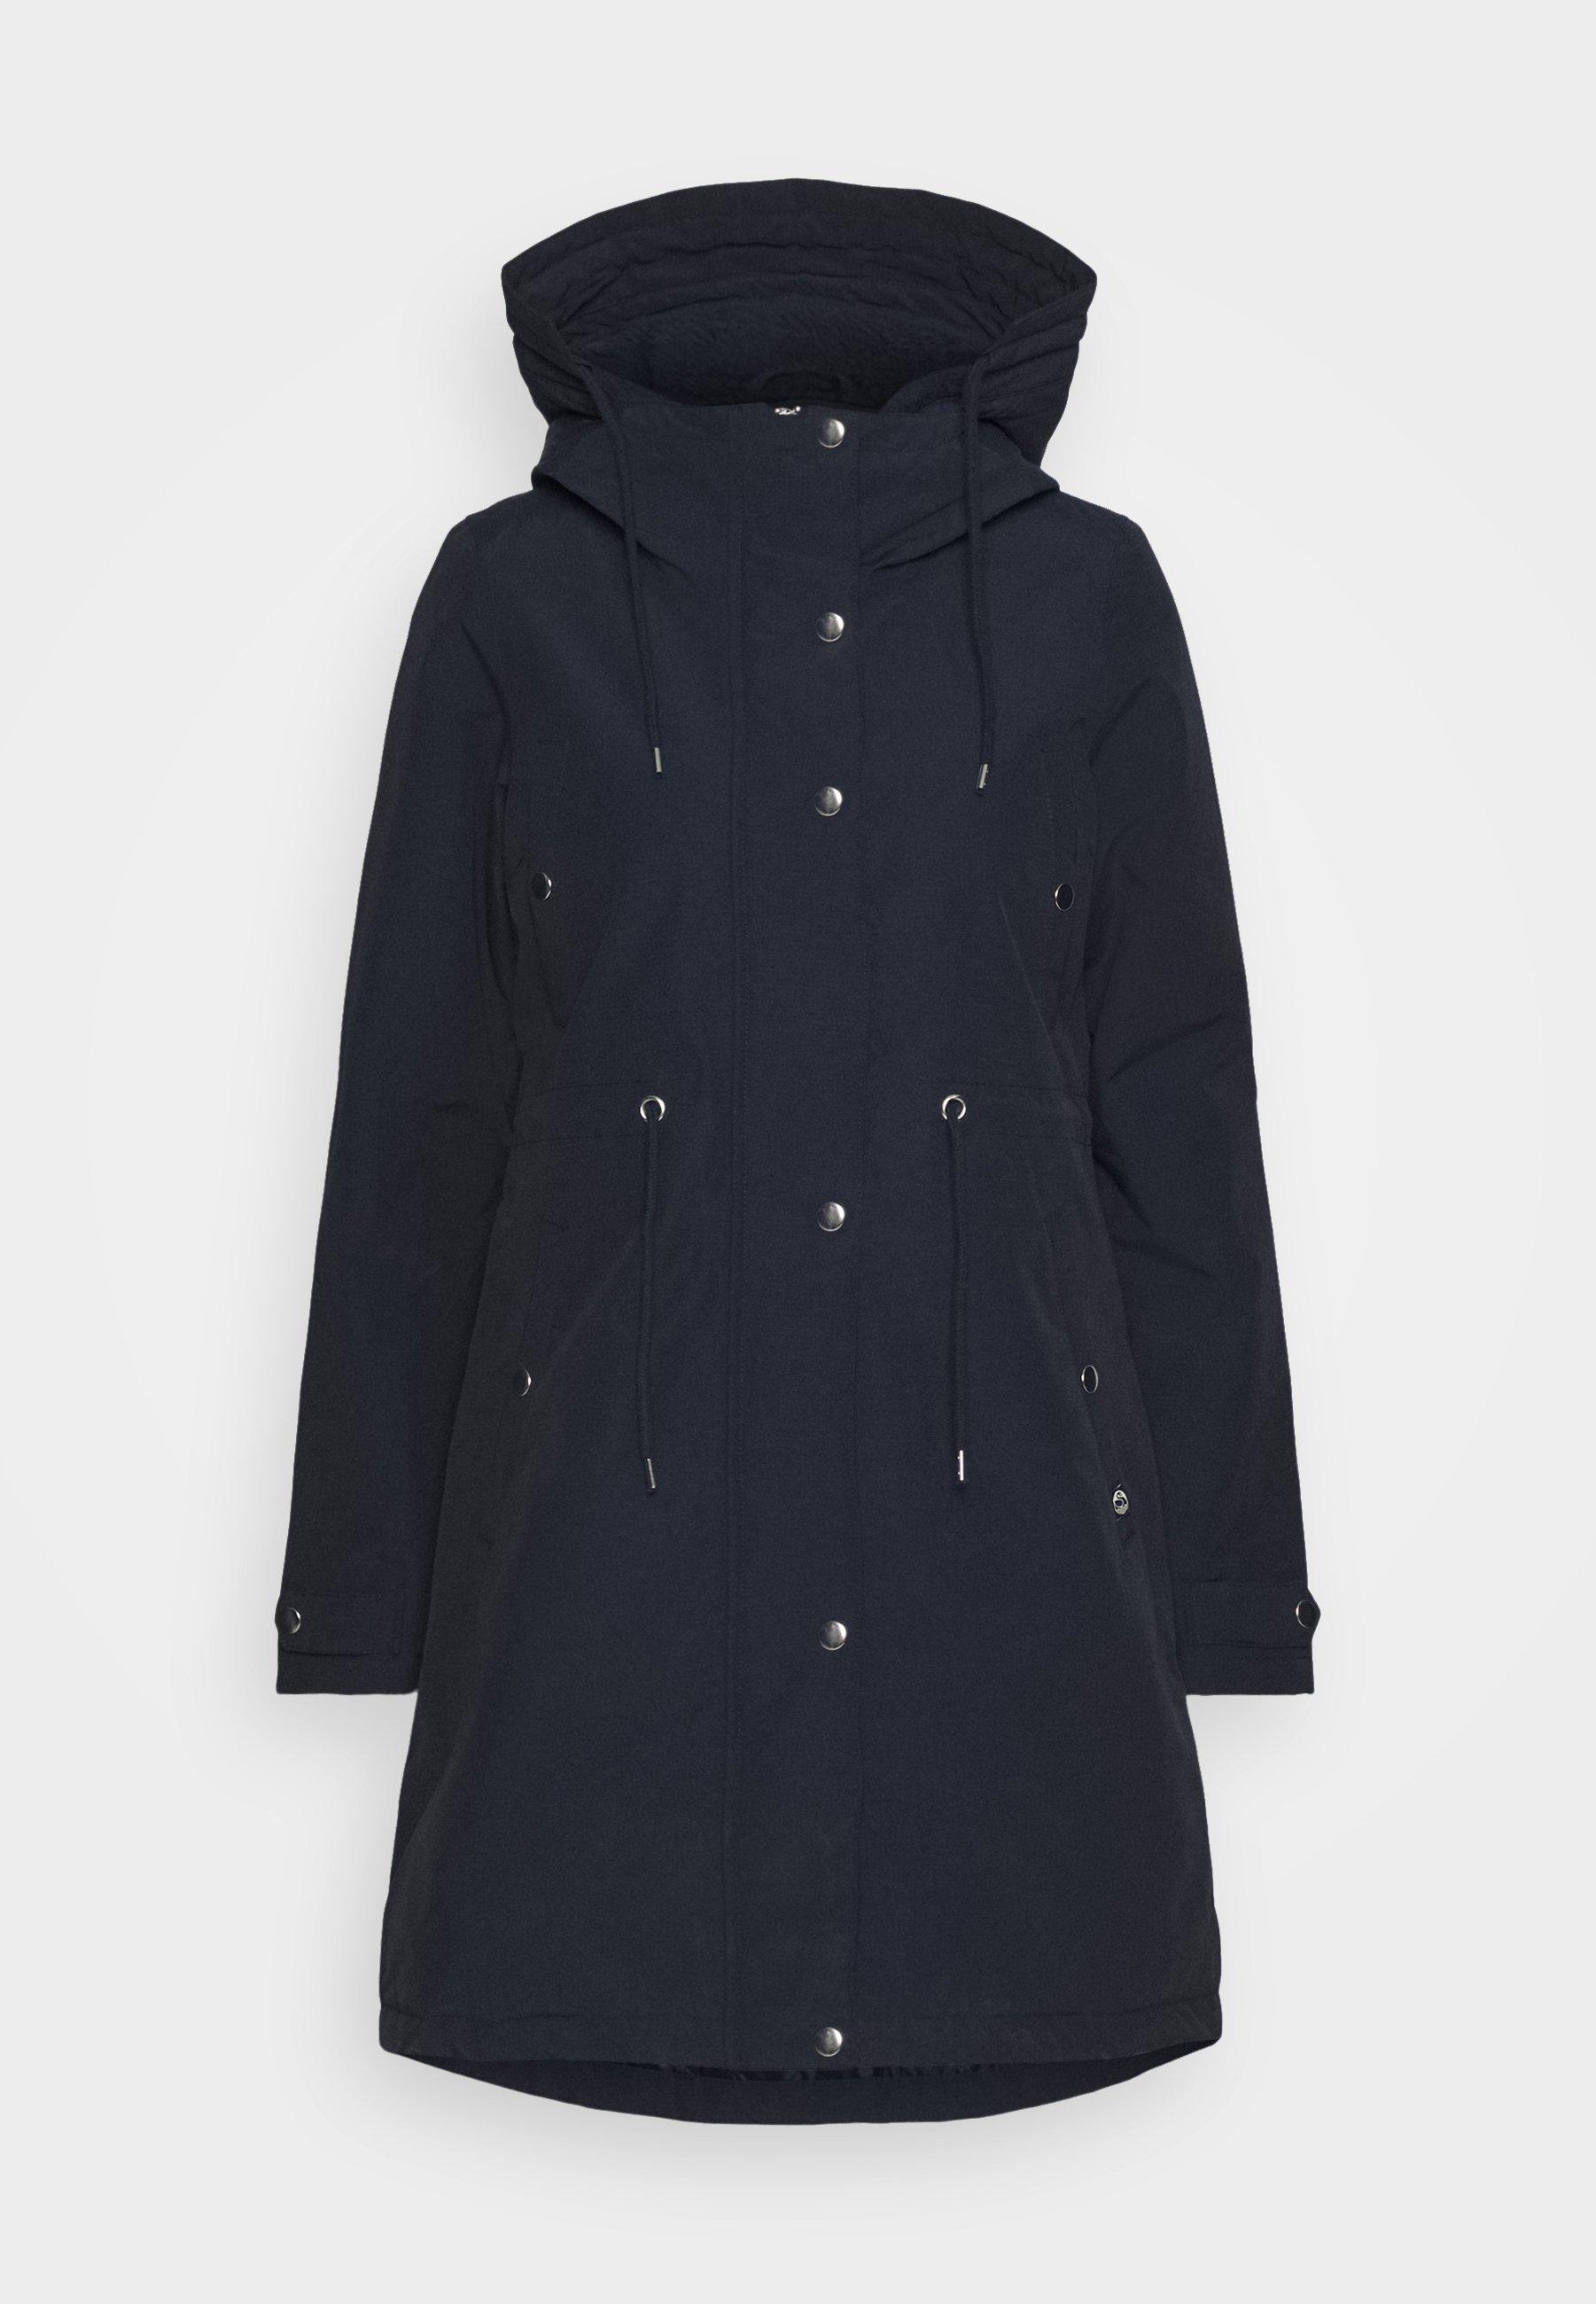 Danefæ København Parkas | Dame | Kjøp ny vinterjakke på nett